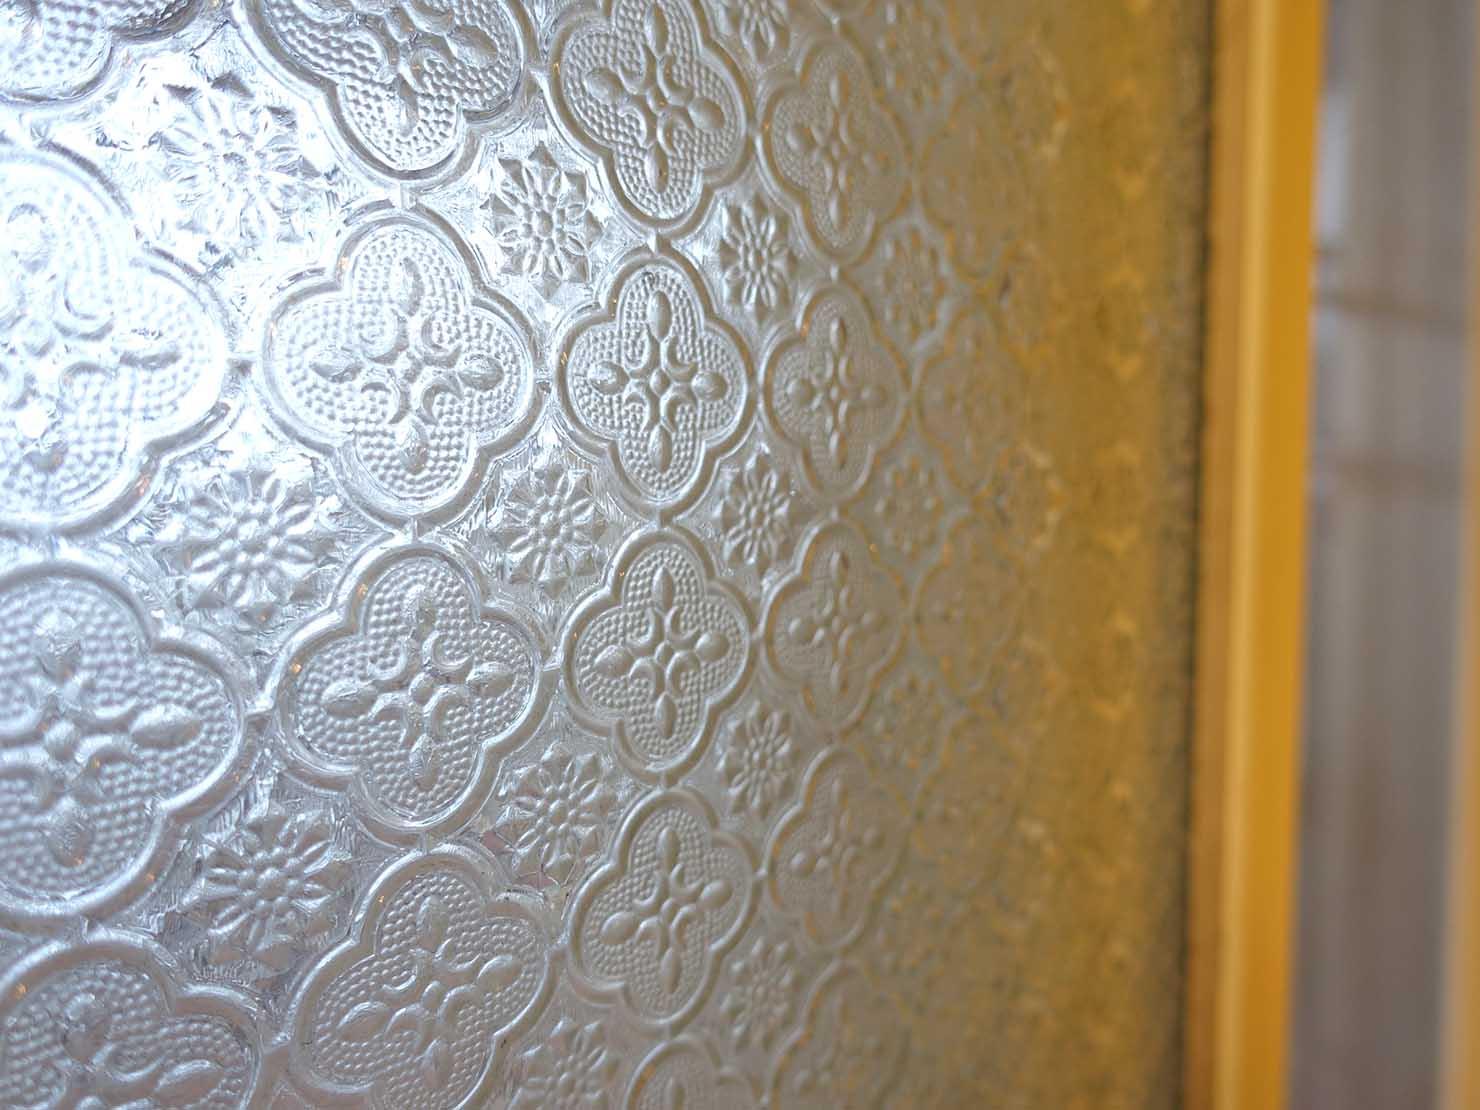 花蓮市街中心部のレトロかわいいおすすめゲストハウス「花蓮日日 Hualien dairy」の單人房(シングルルーム)の窓ガラス